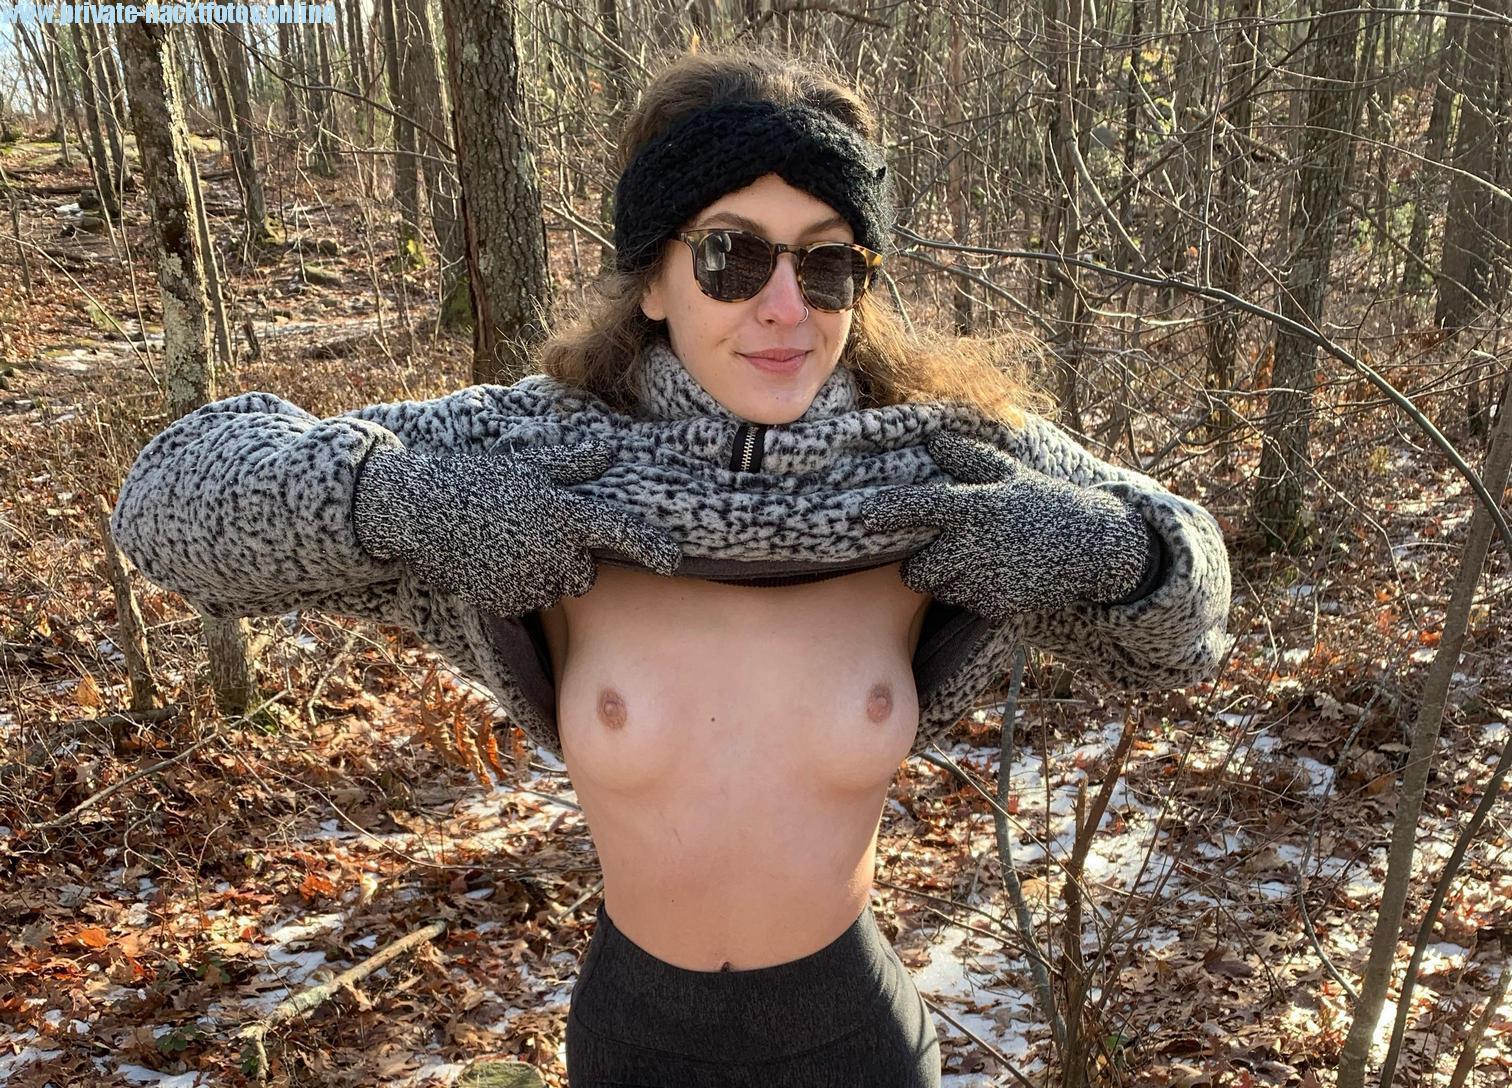 Alissa Zeigt Im Wald Ihre Titten